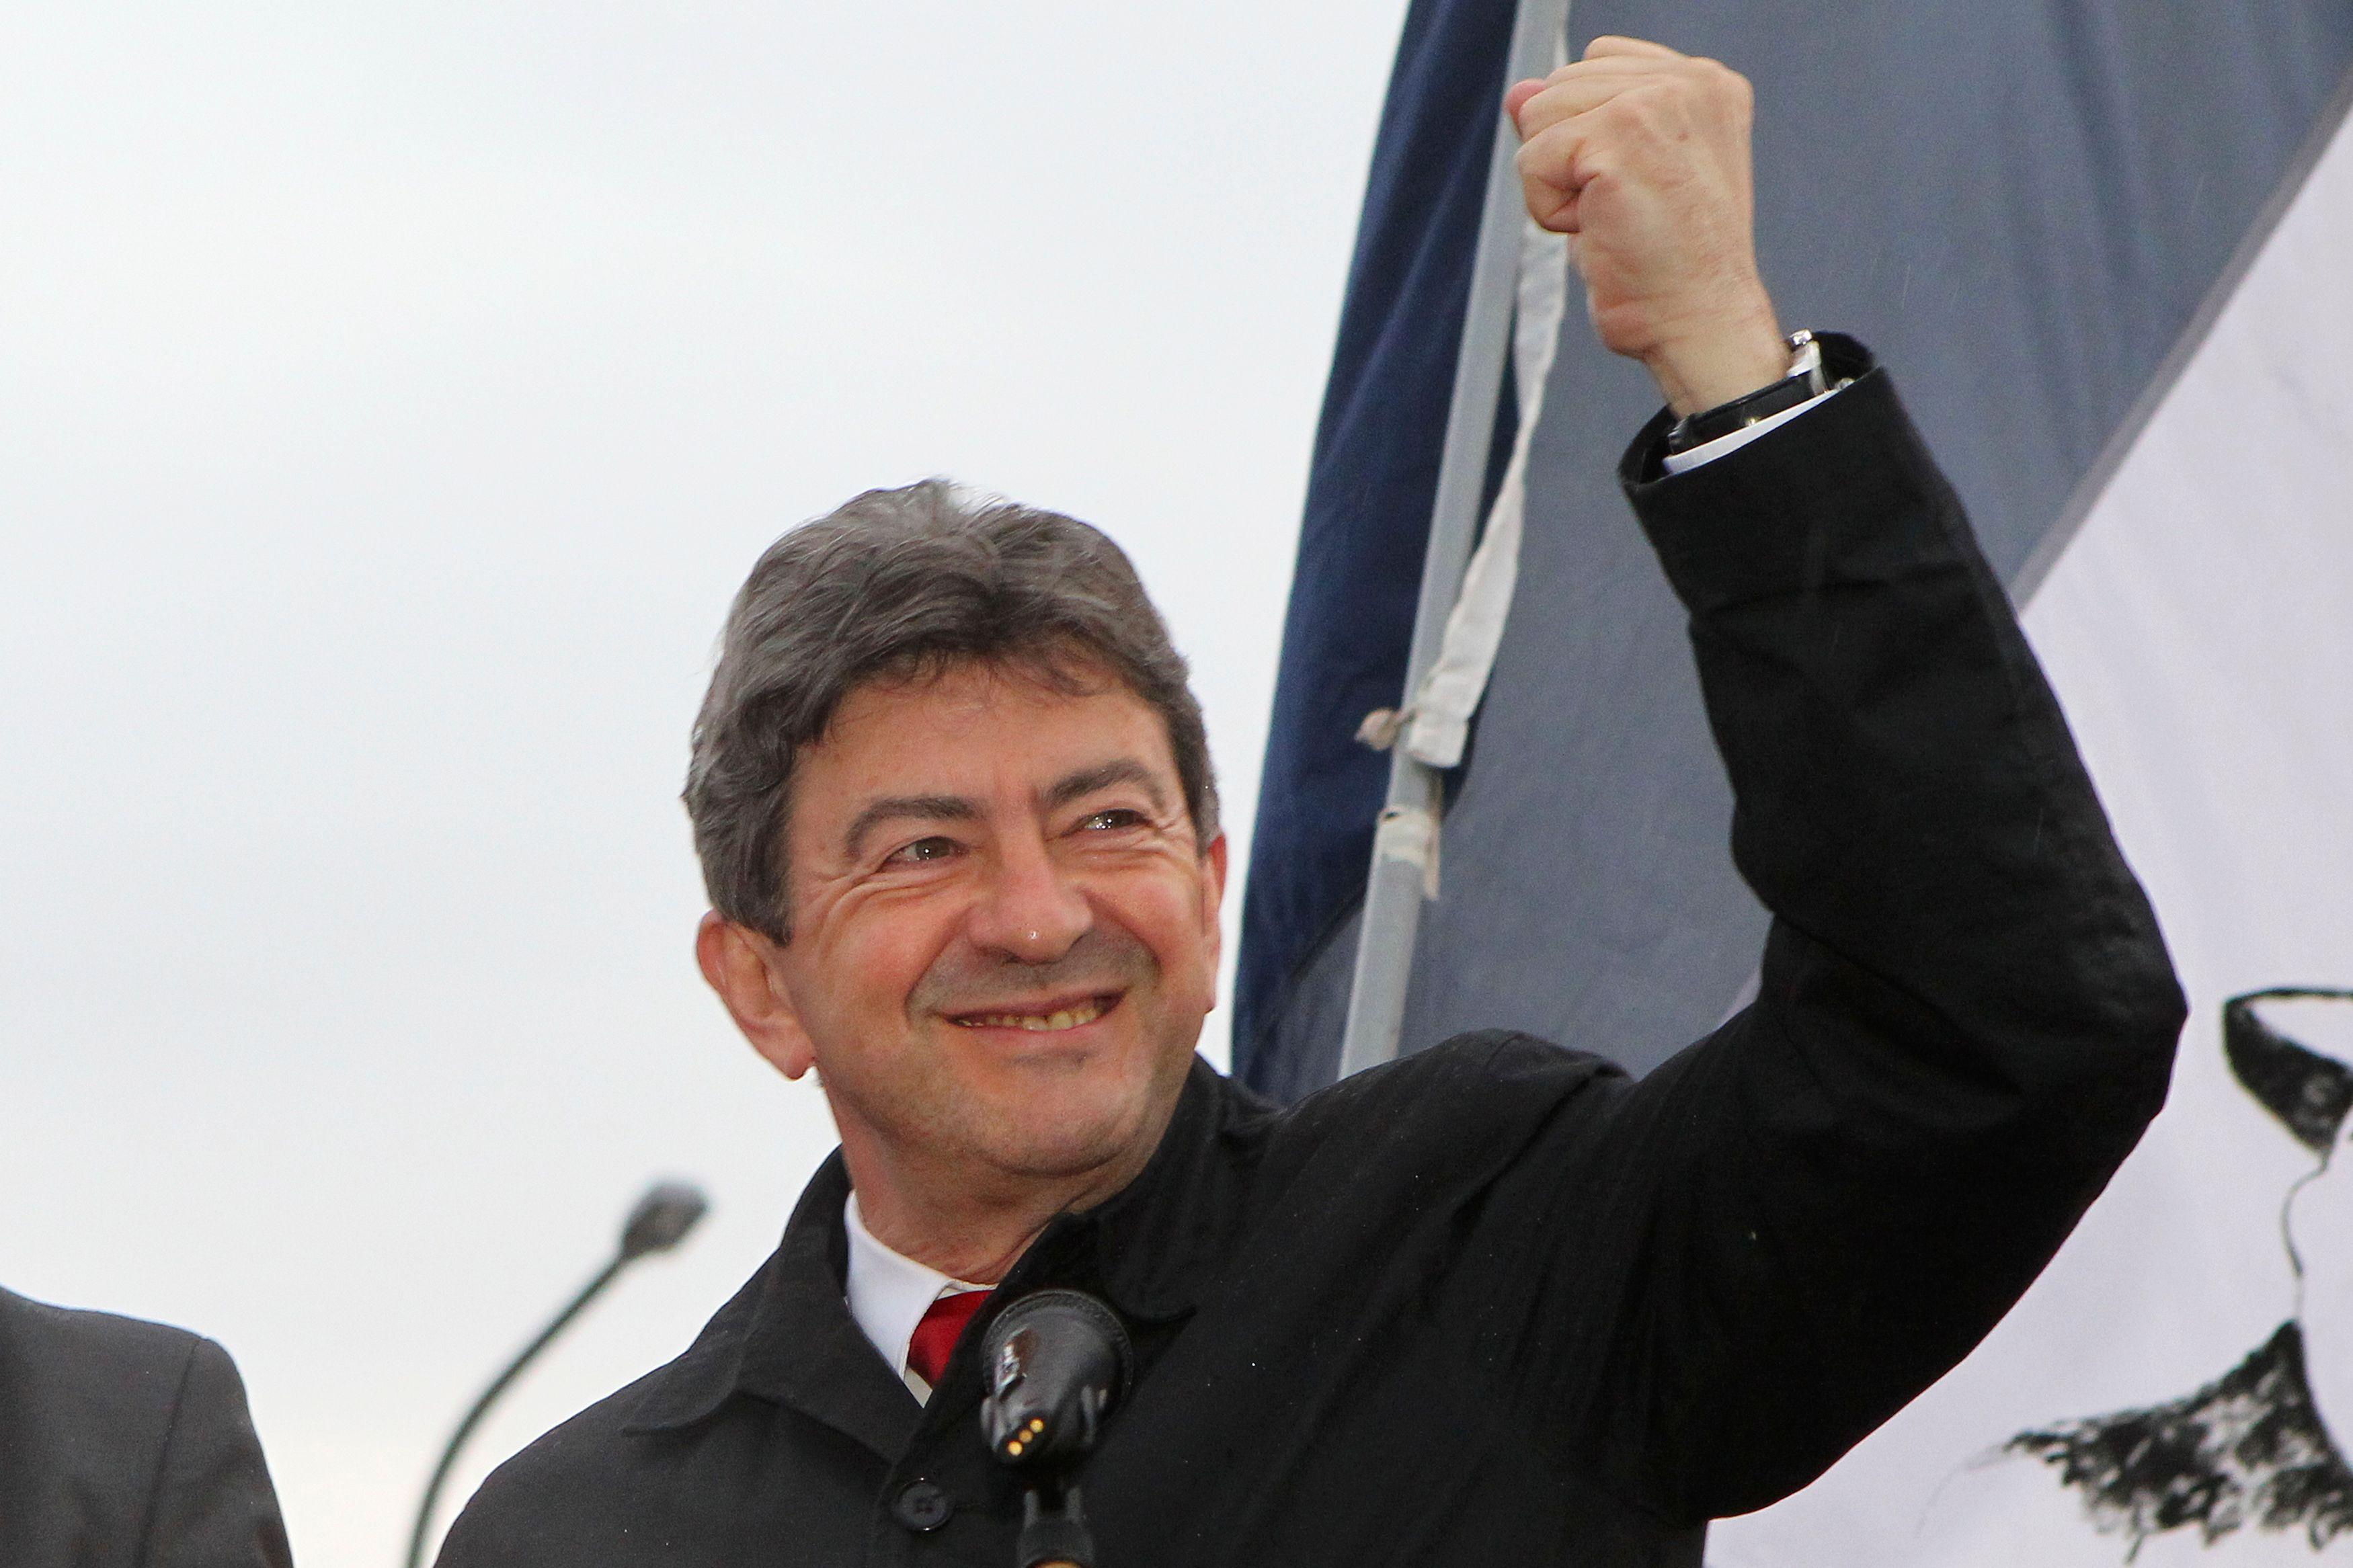 Au premier tour de l'élection présidentielle de 2012, il avait recueilli 11,13% des suffrages.